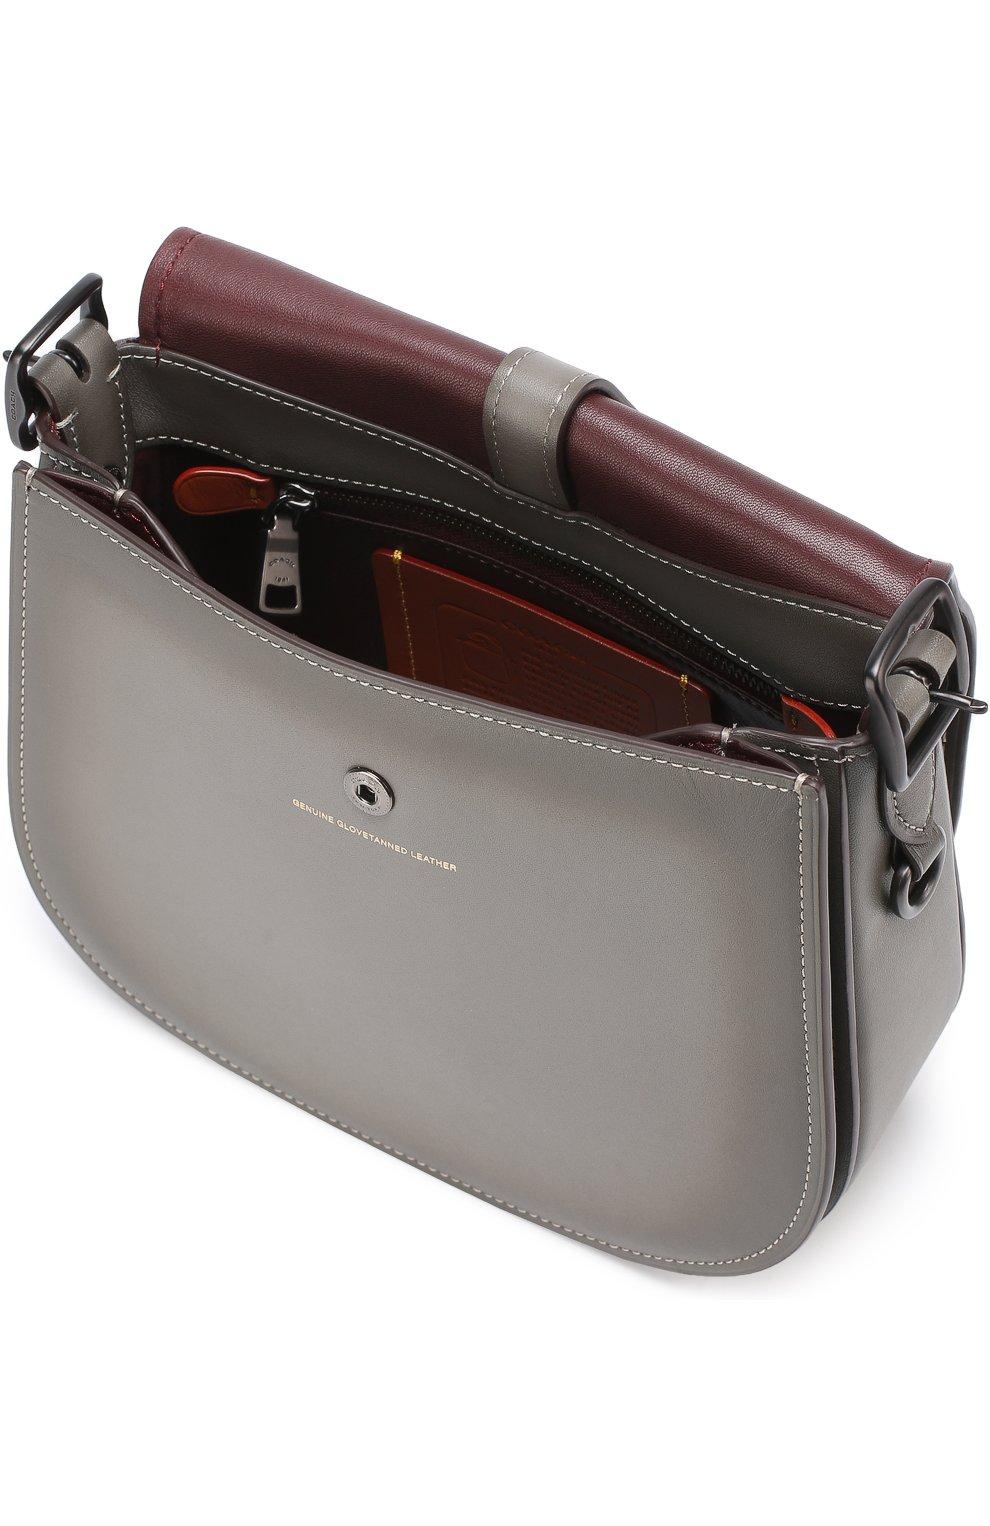 d451713734a2 Женская сумка saddle bag 23 COACH серая цвета — купить за 42050 руб ...